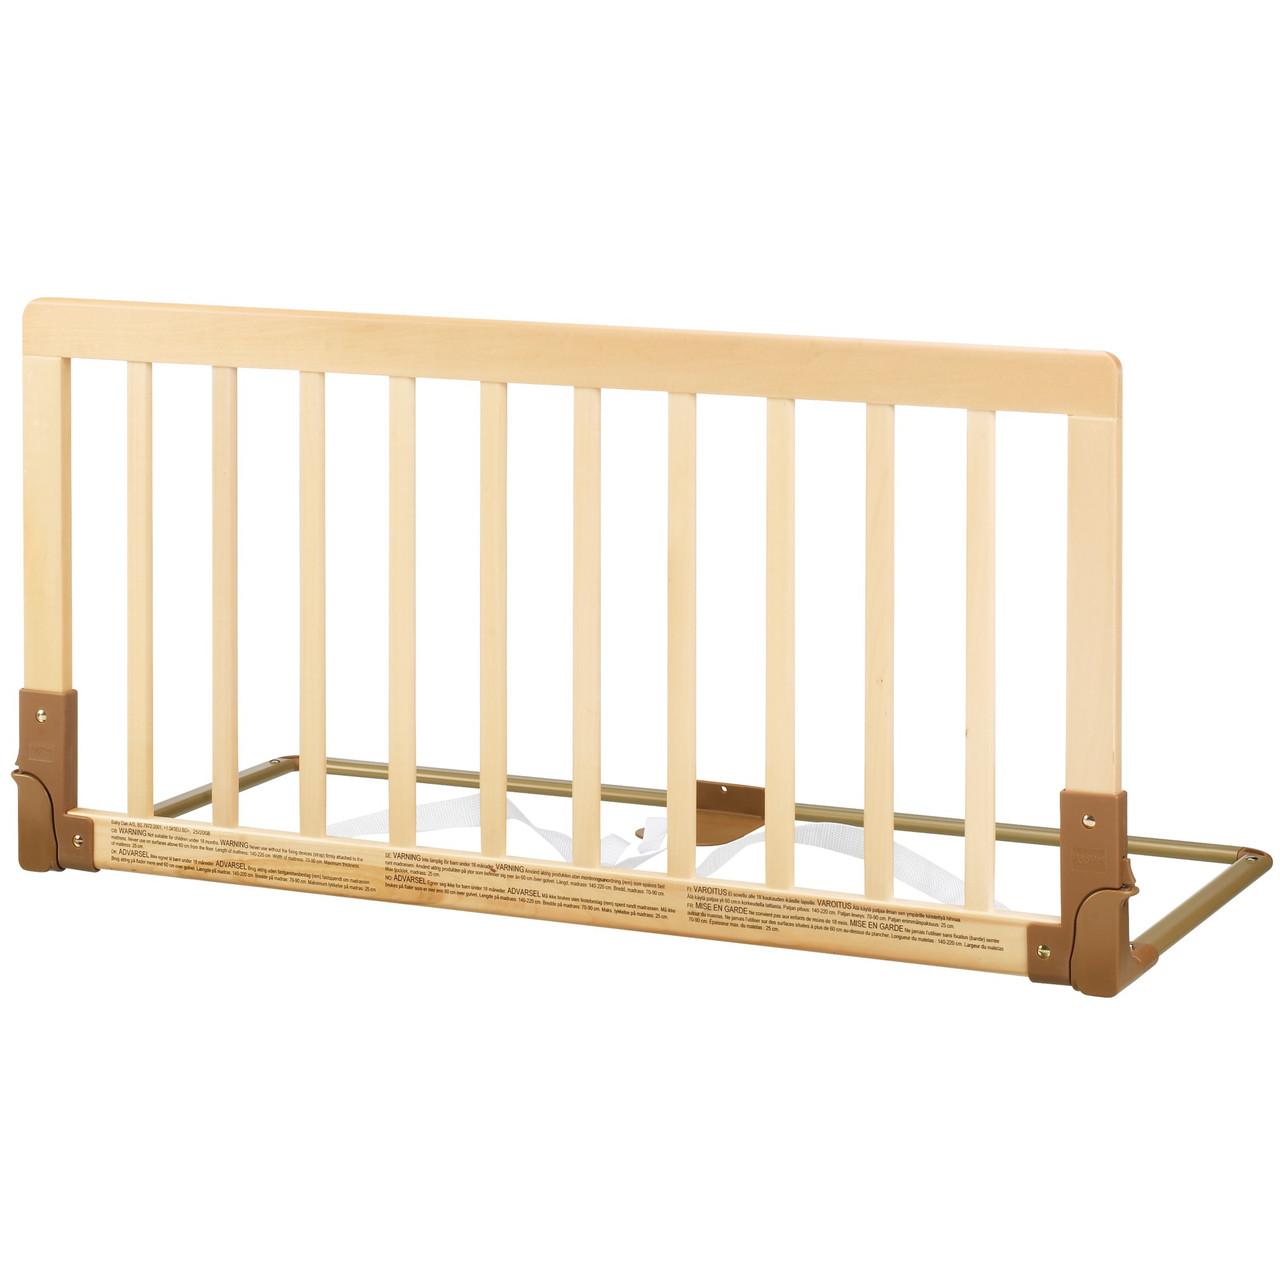 Baby Dan - деревянные защитные поручни для кровати, цвет натуральный